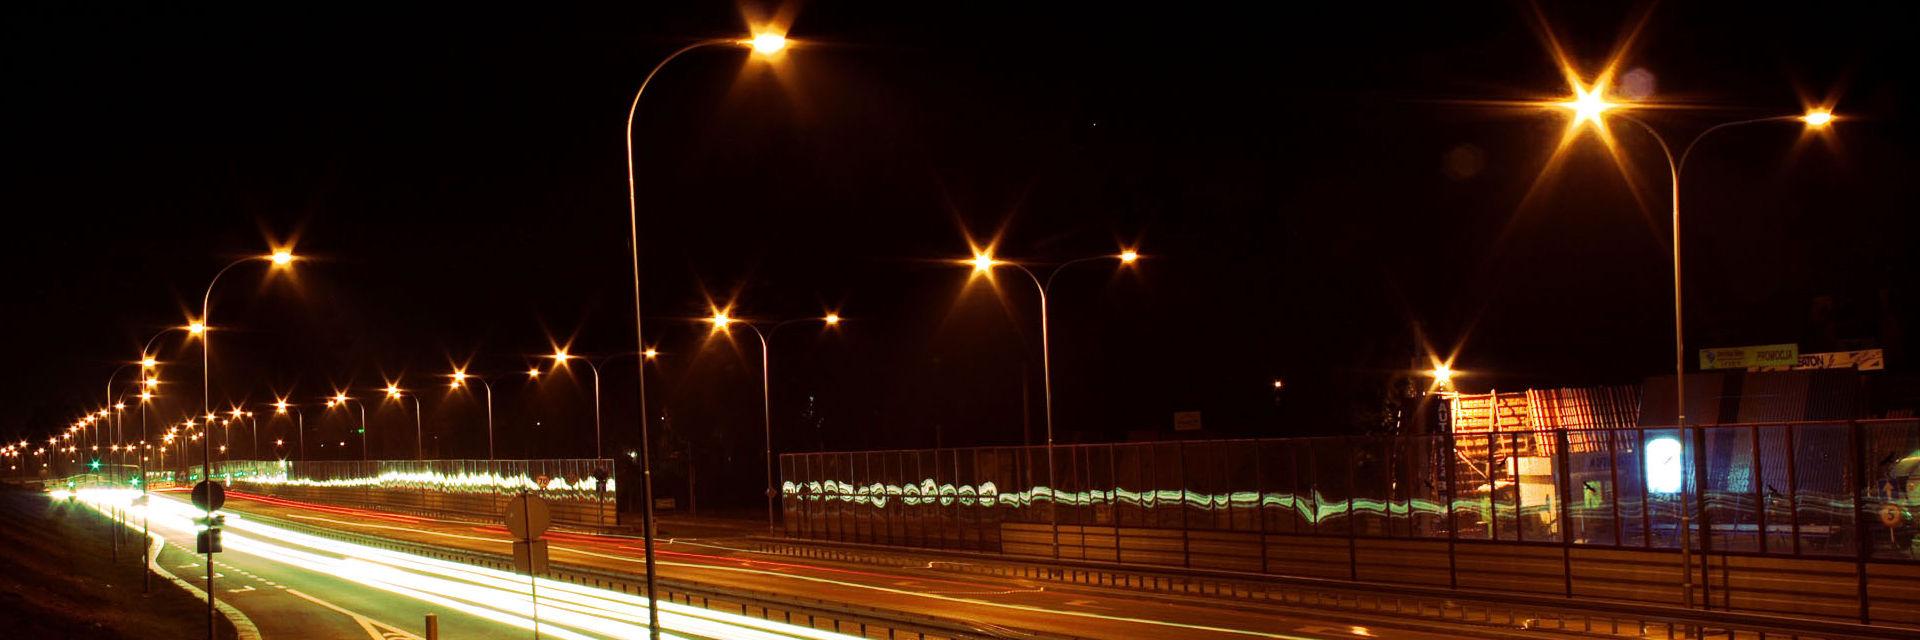 Avaliação Técnica de Iluminação Pública